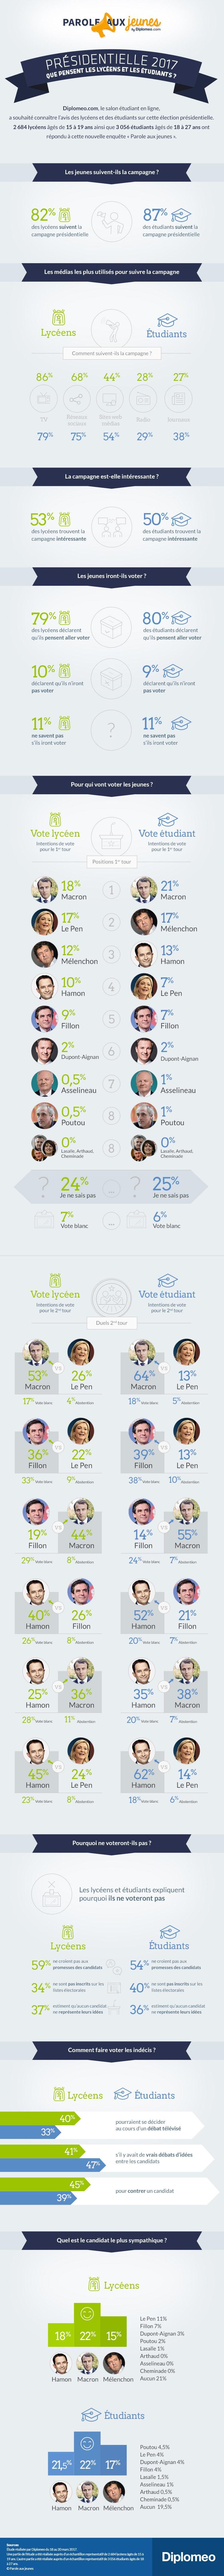 Présidentielle 2017 : pour qui vont voter les jeunes ?